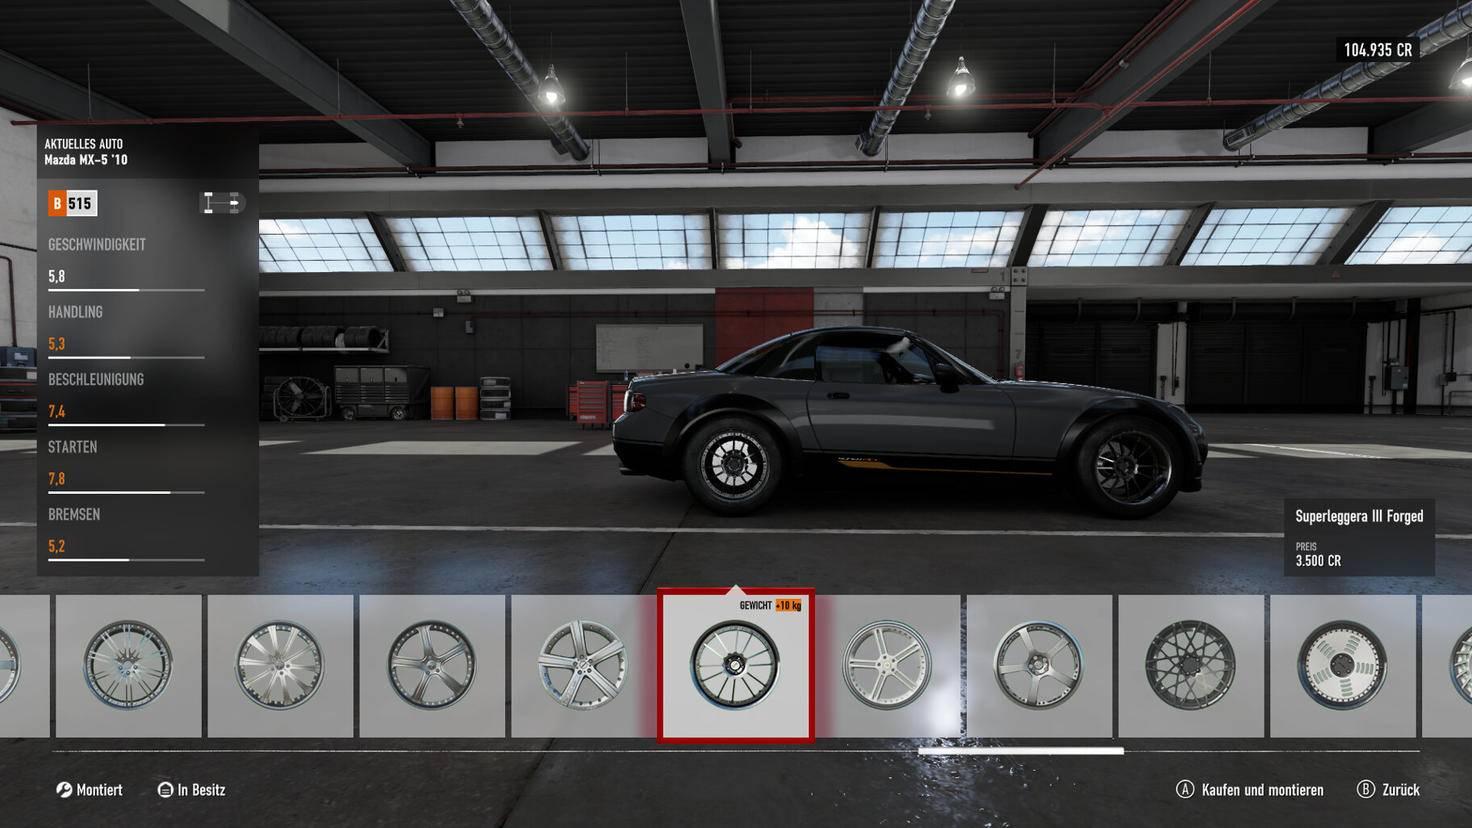 Zusätzlich lassen sich die über 700 Fahrzeuge noch stark individualisieren.